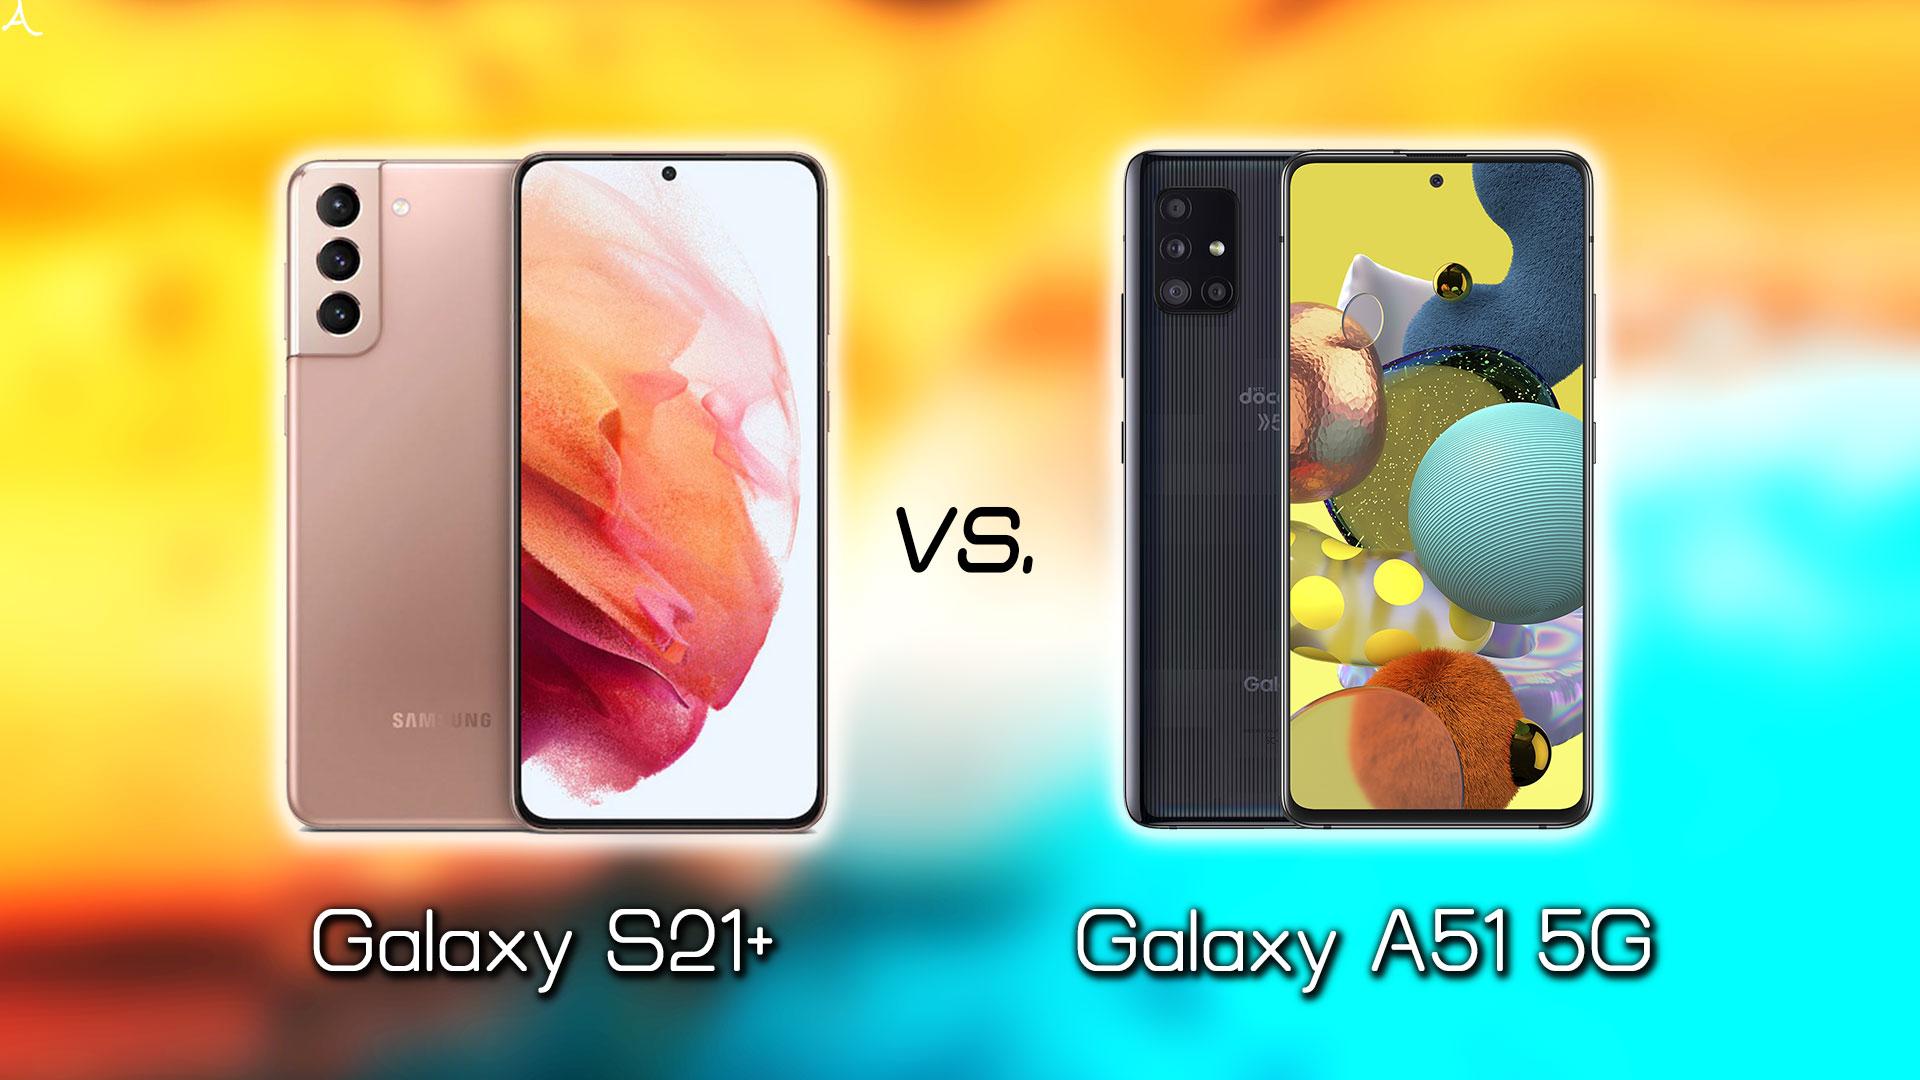 「Galaxy S21+(プラス)」と「Galaxy A51 5G」の違いを比較:どっちを買う?